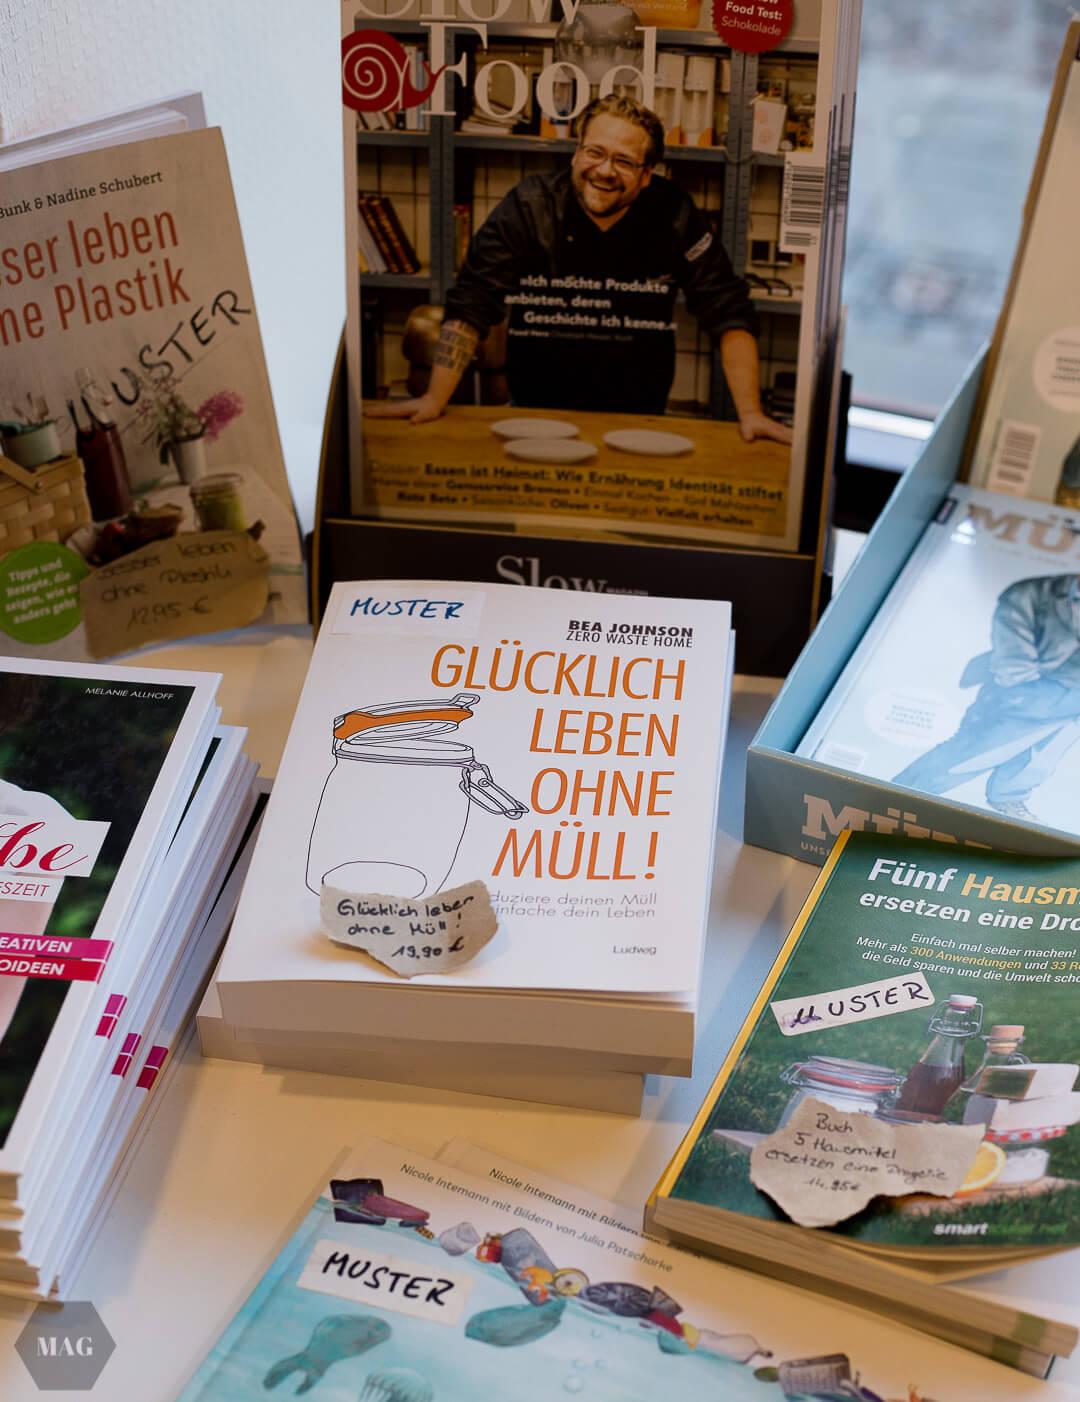 Unverpackt in Münster: Einzelhandel zum Wohlfüllen   Mehr als Grünzeug